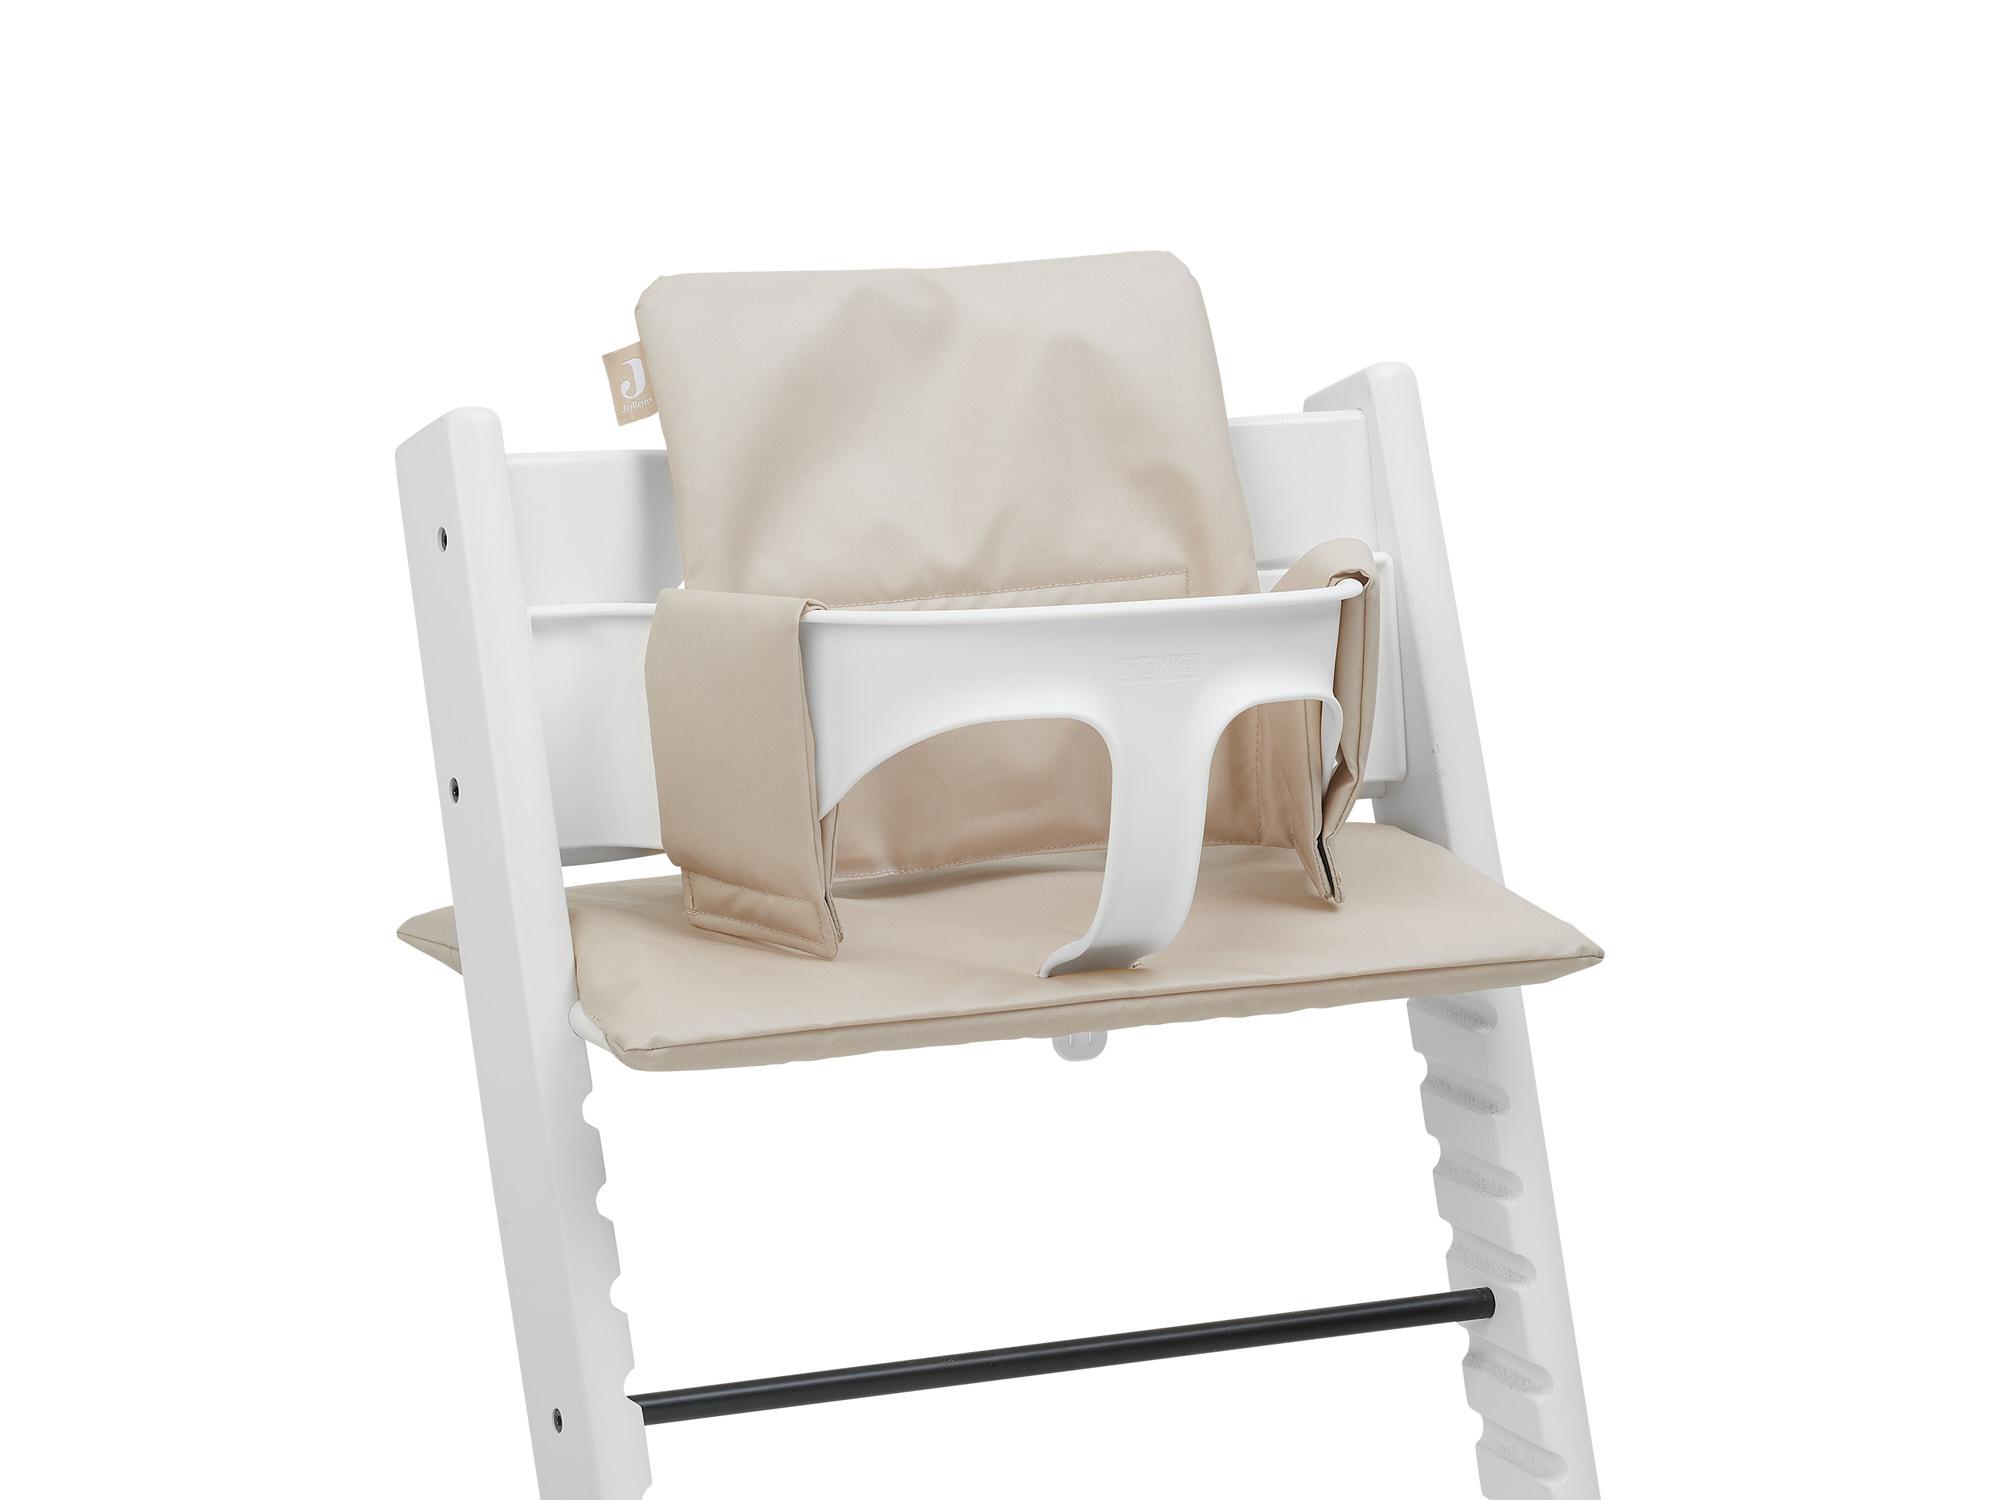 Sitzverkleinerer für Hochstuhl Basic nougat